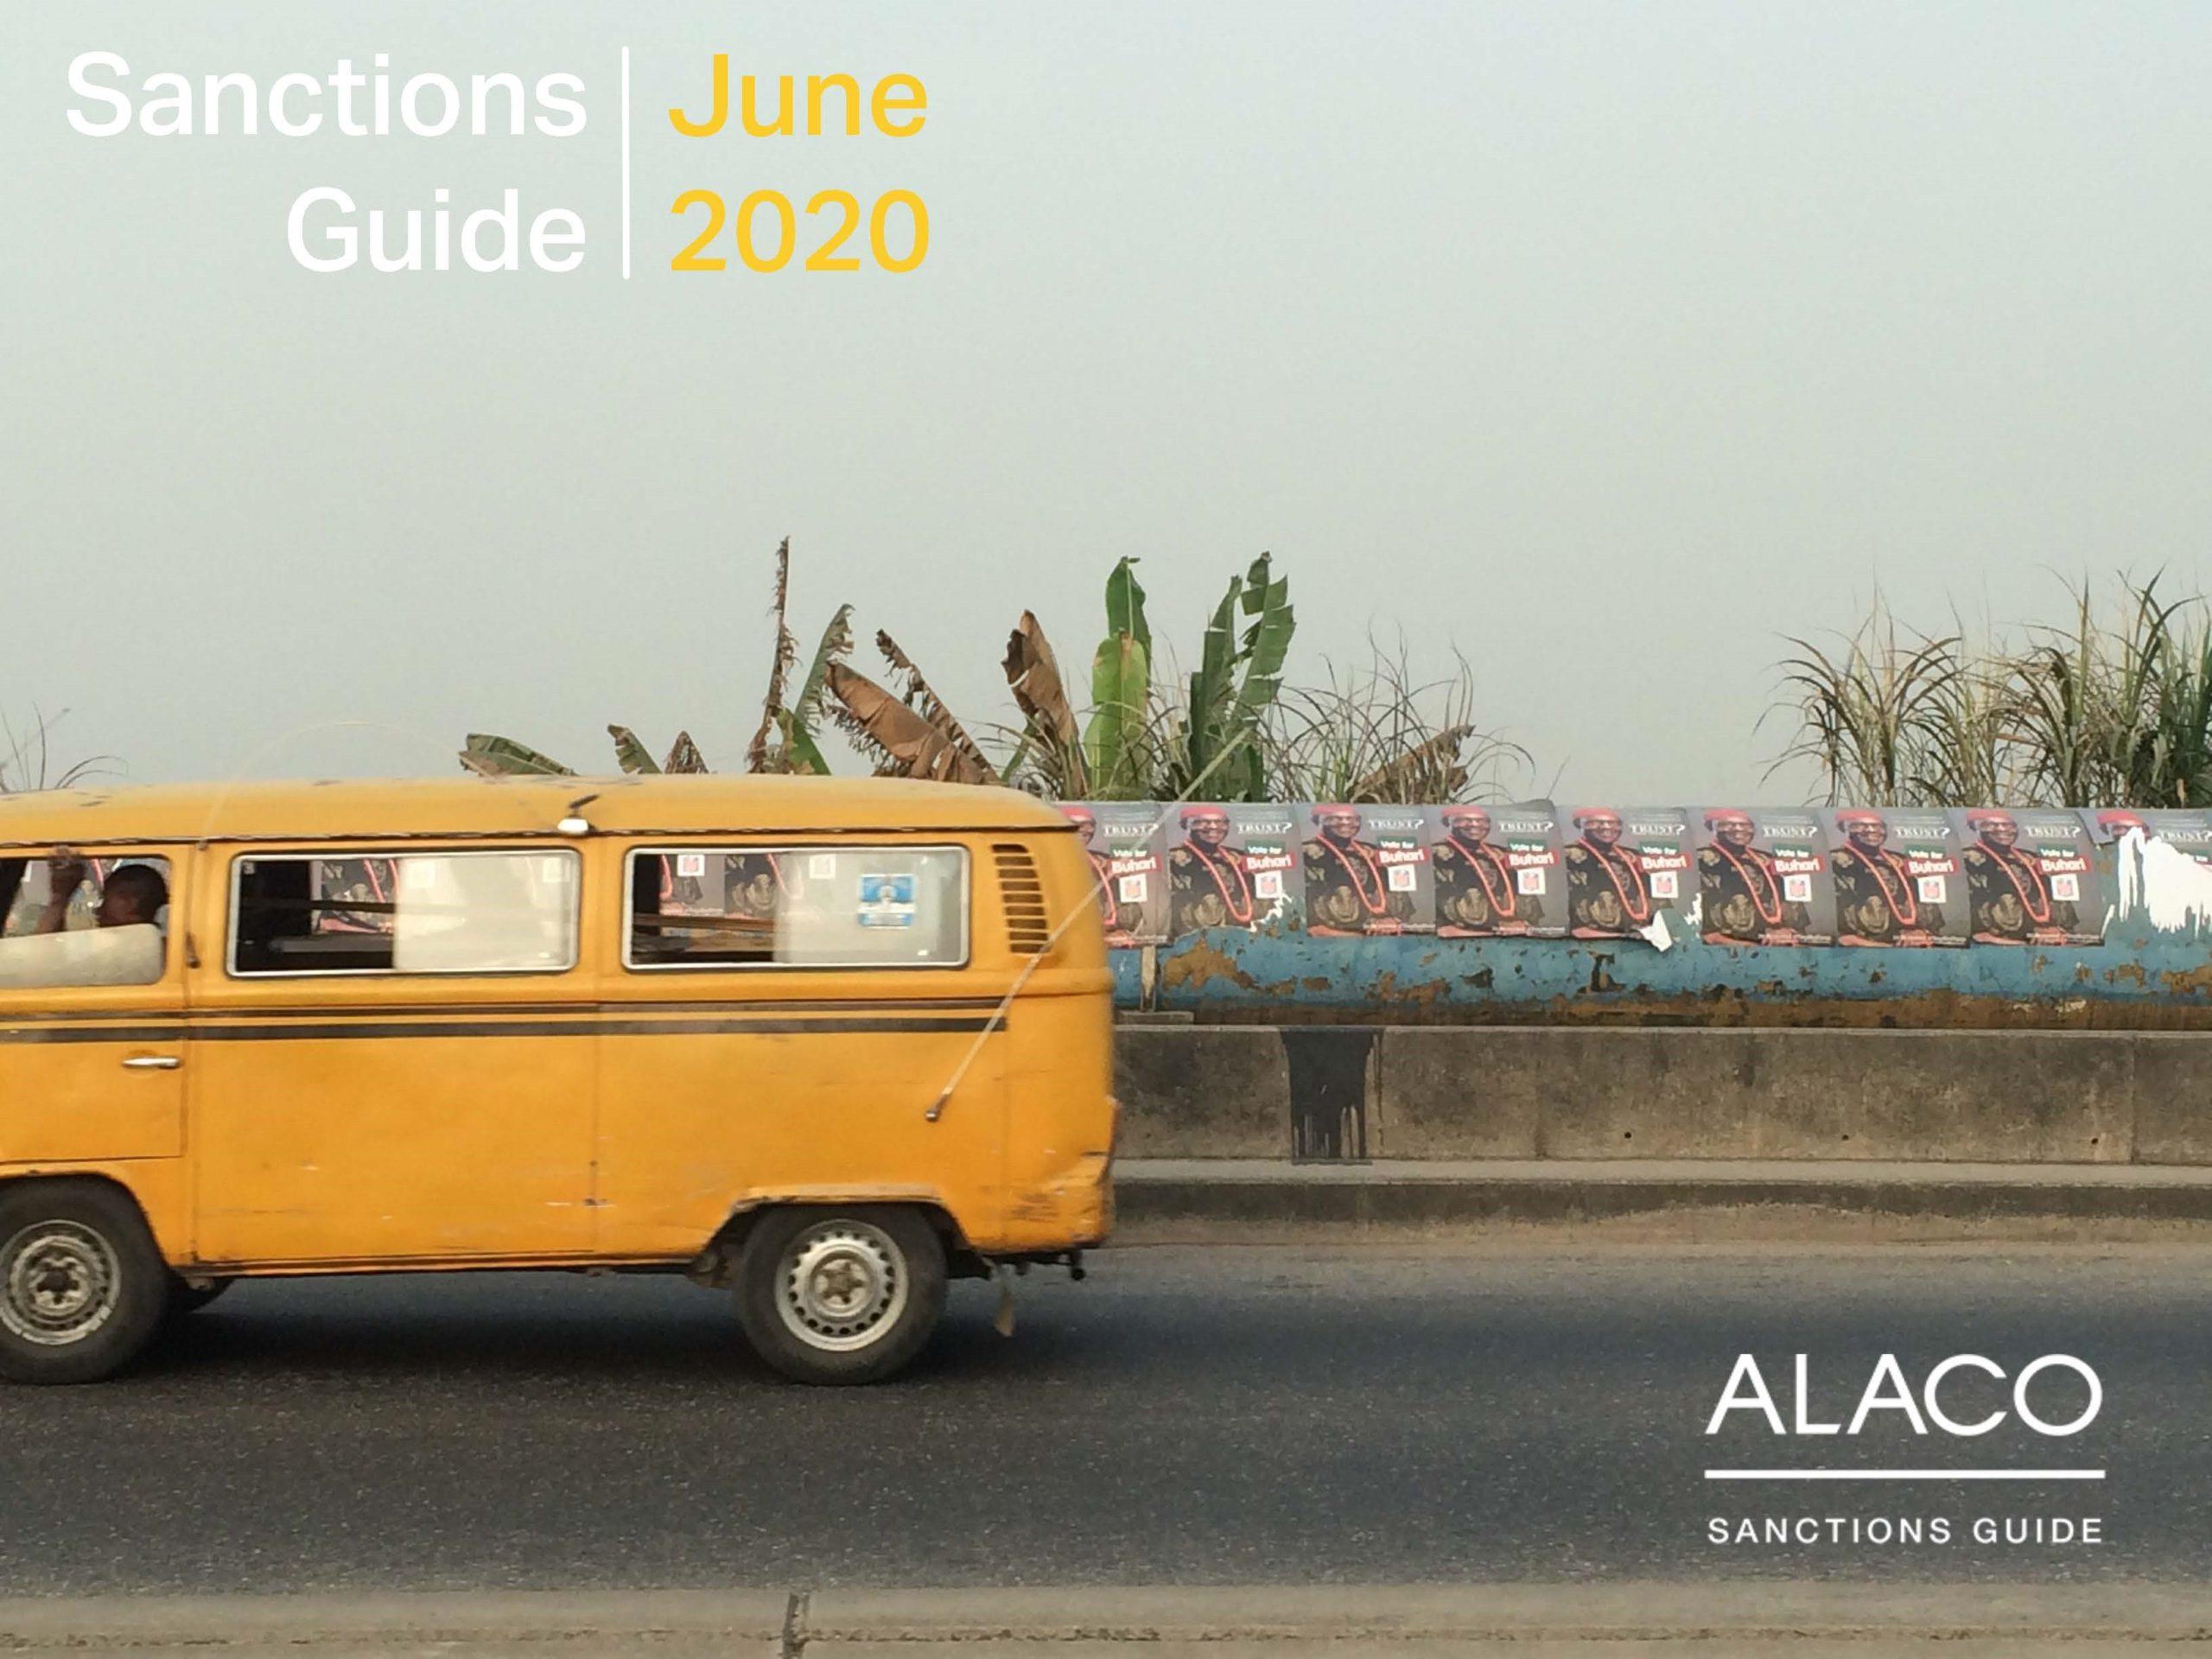 Sanctions Guide – June 2020